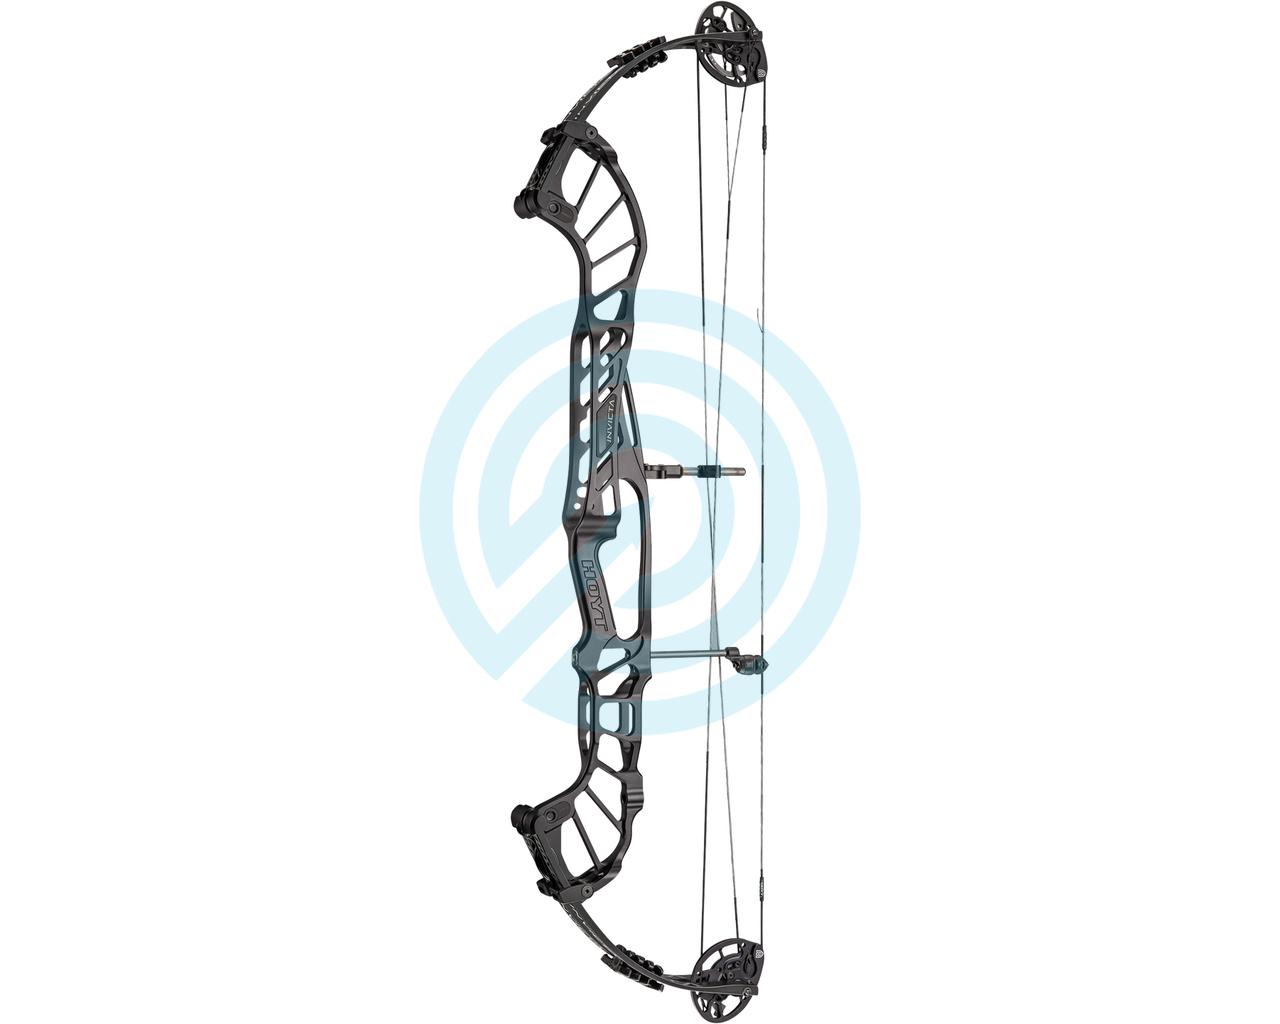 Best Compound Bow 2020.Hoyt Compound Bow Invicta 40 Dcx 2020 115268 1000 Jvd